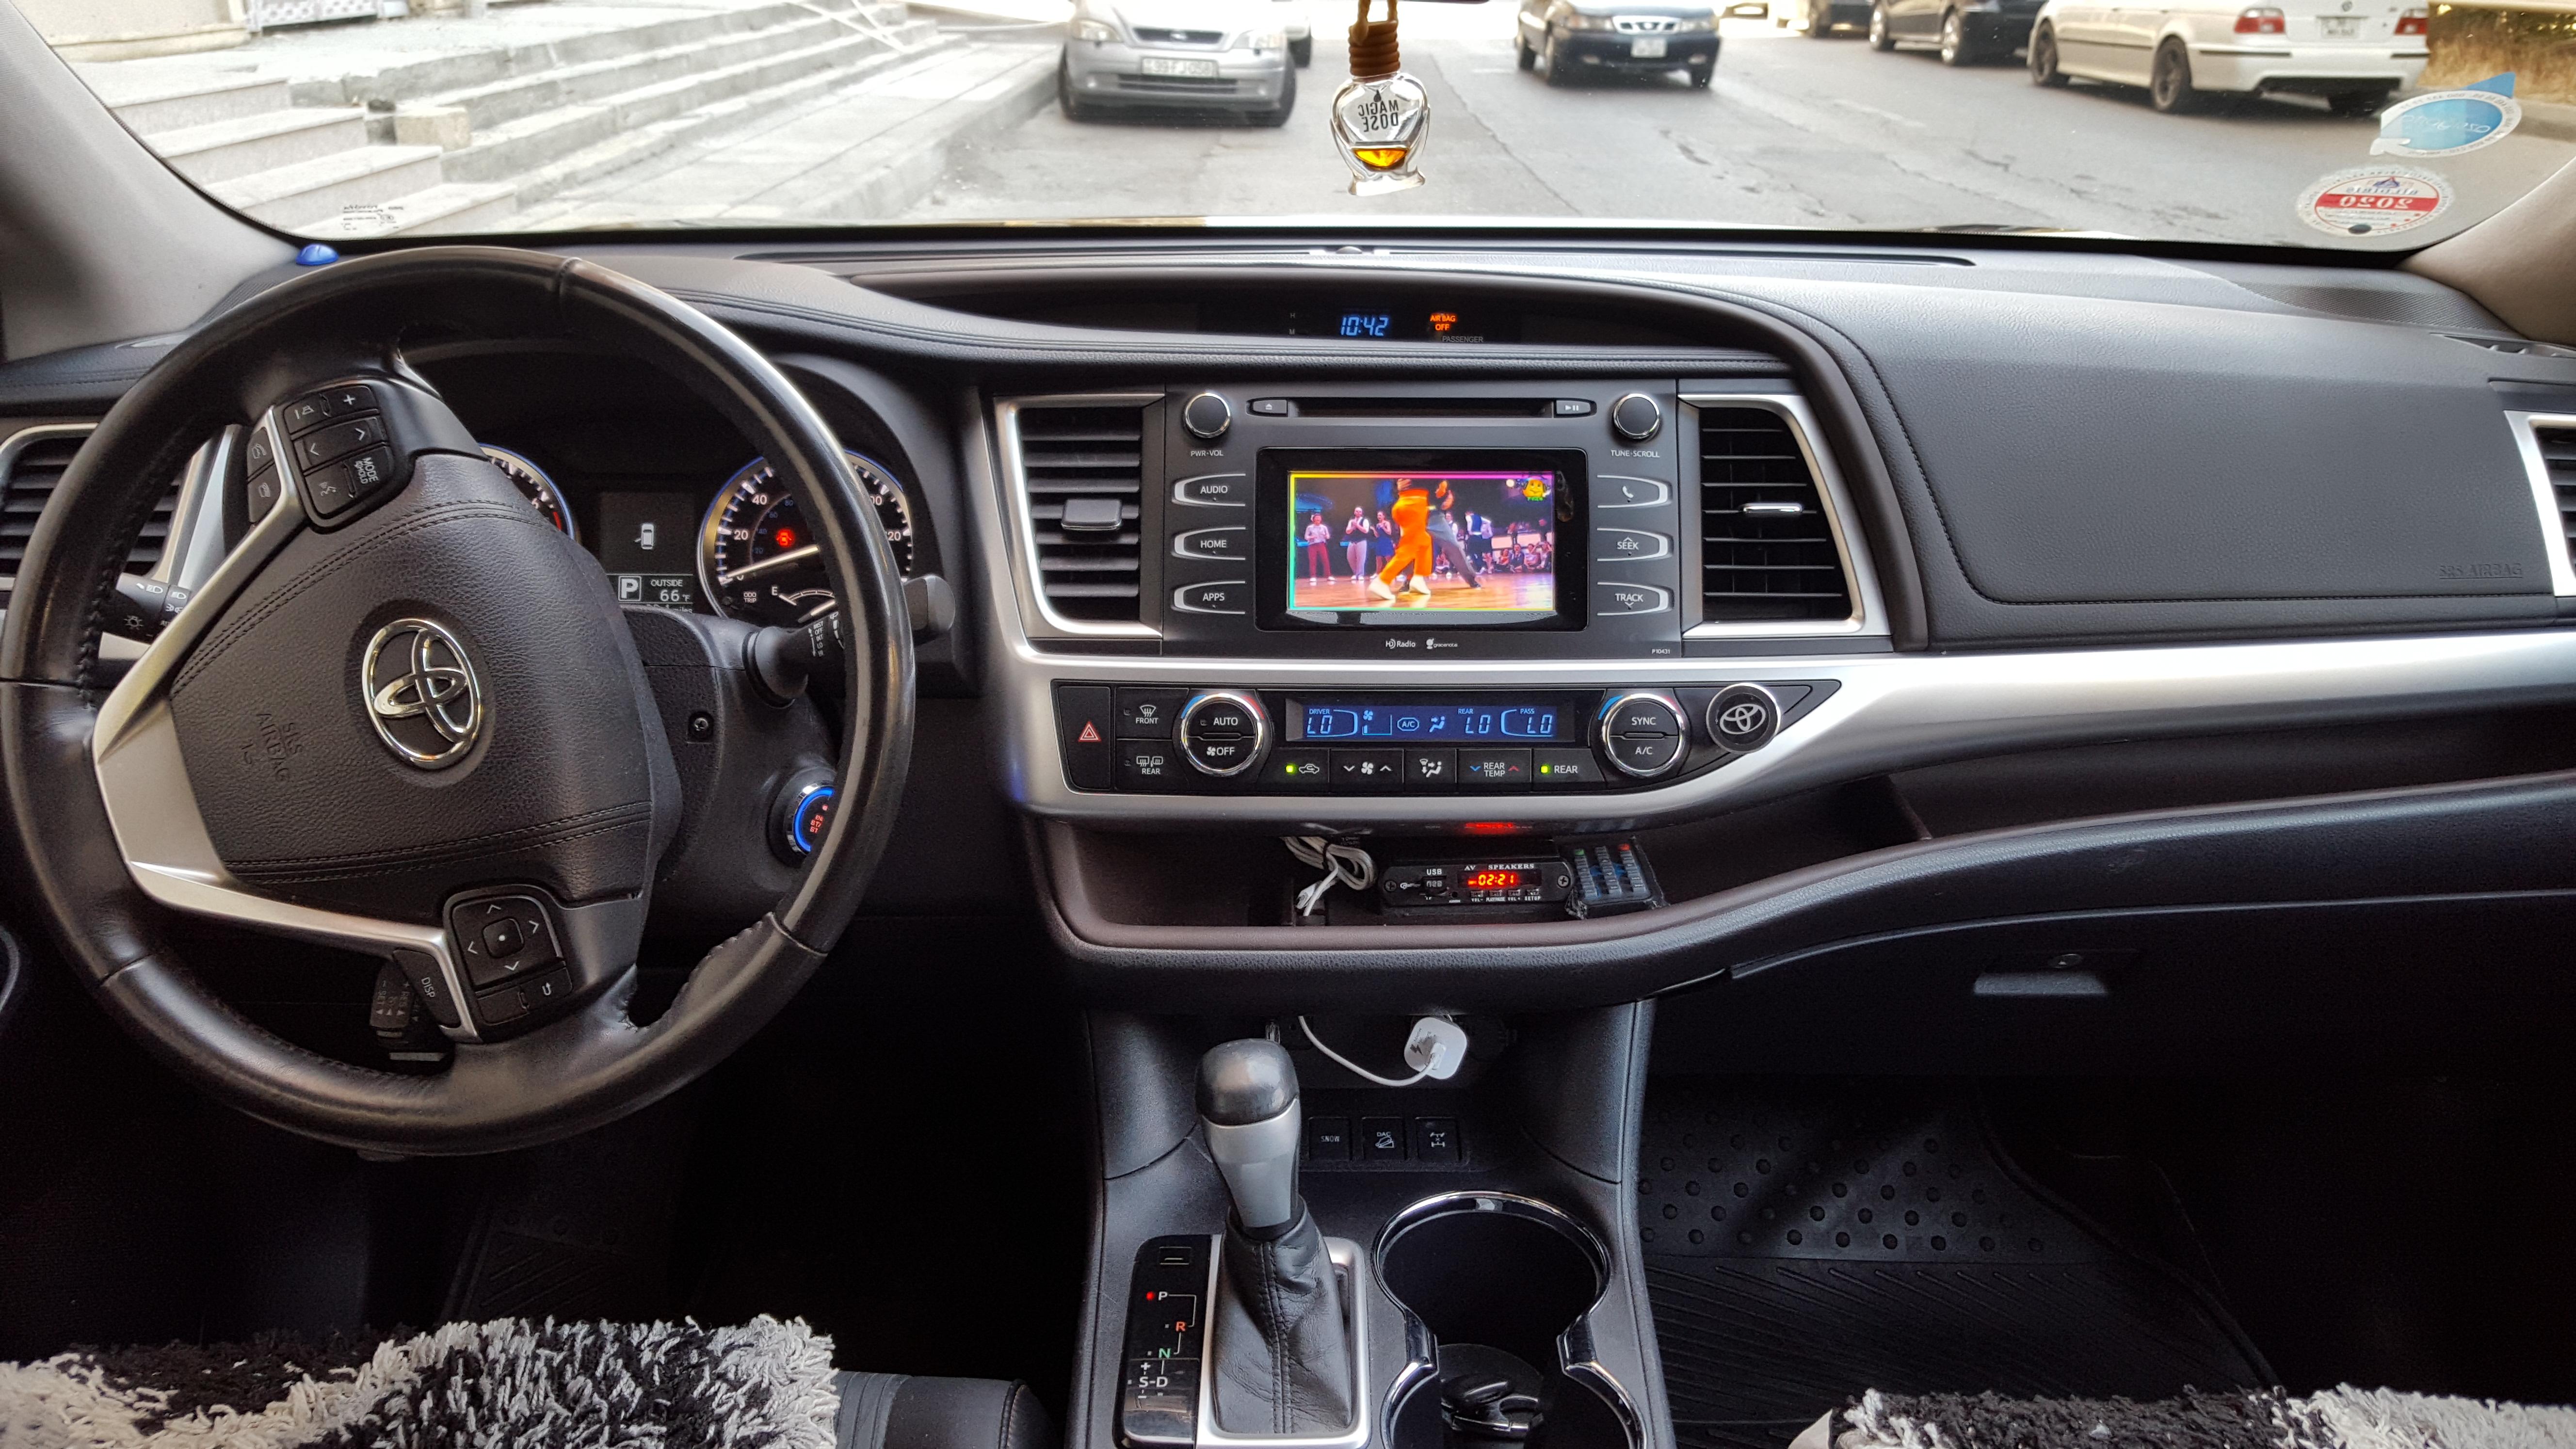 Toyota Highlander 3.5(lt) 2015 İkinci əl  $32500